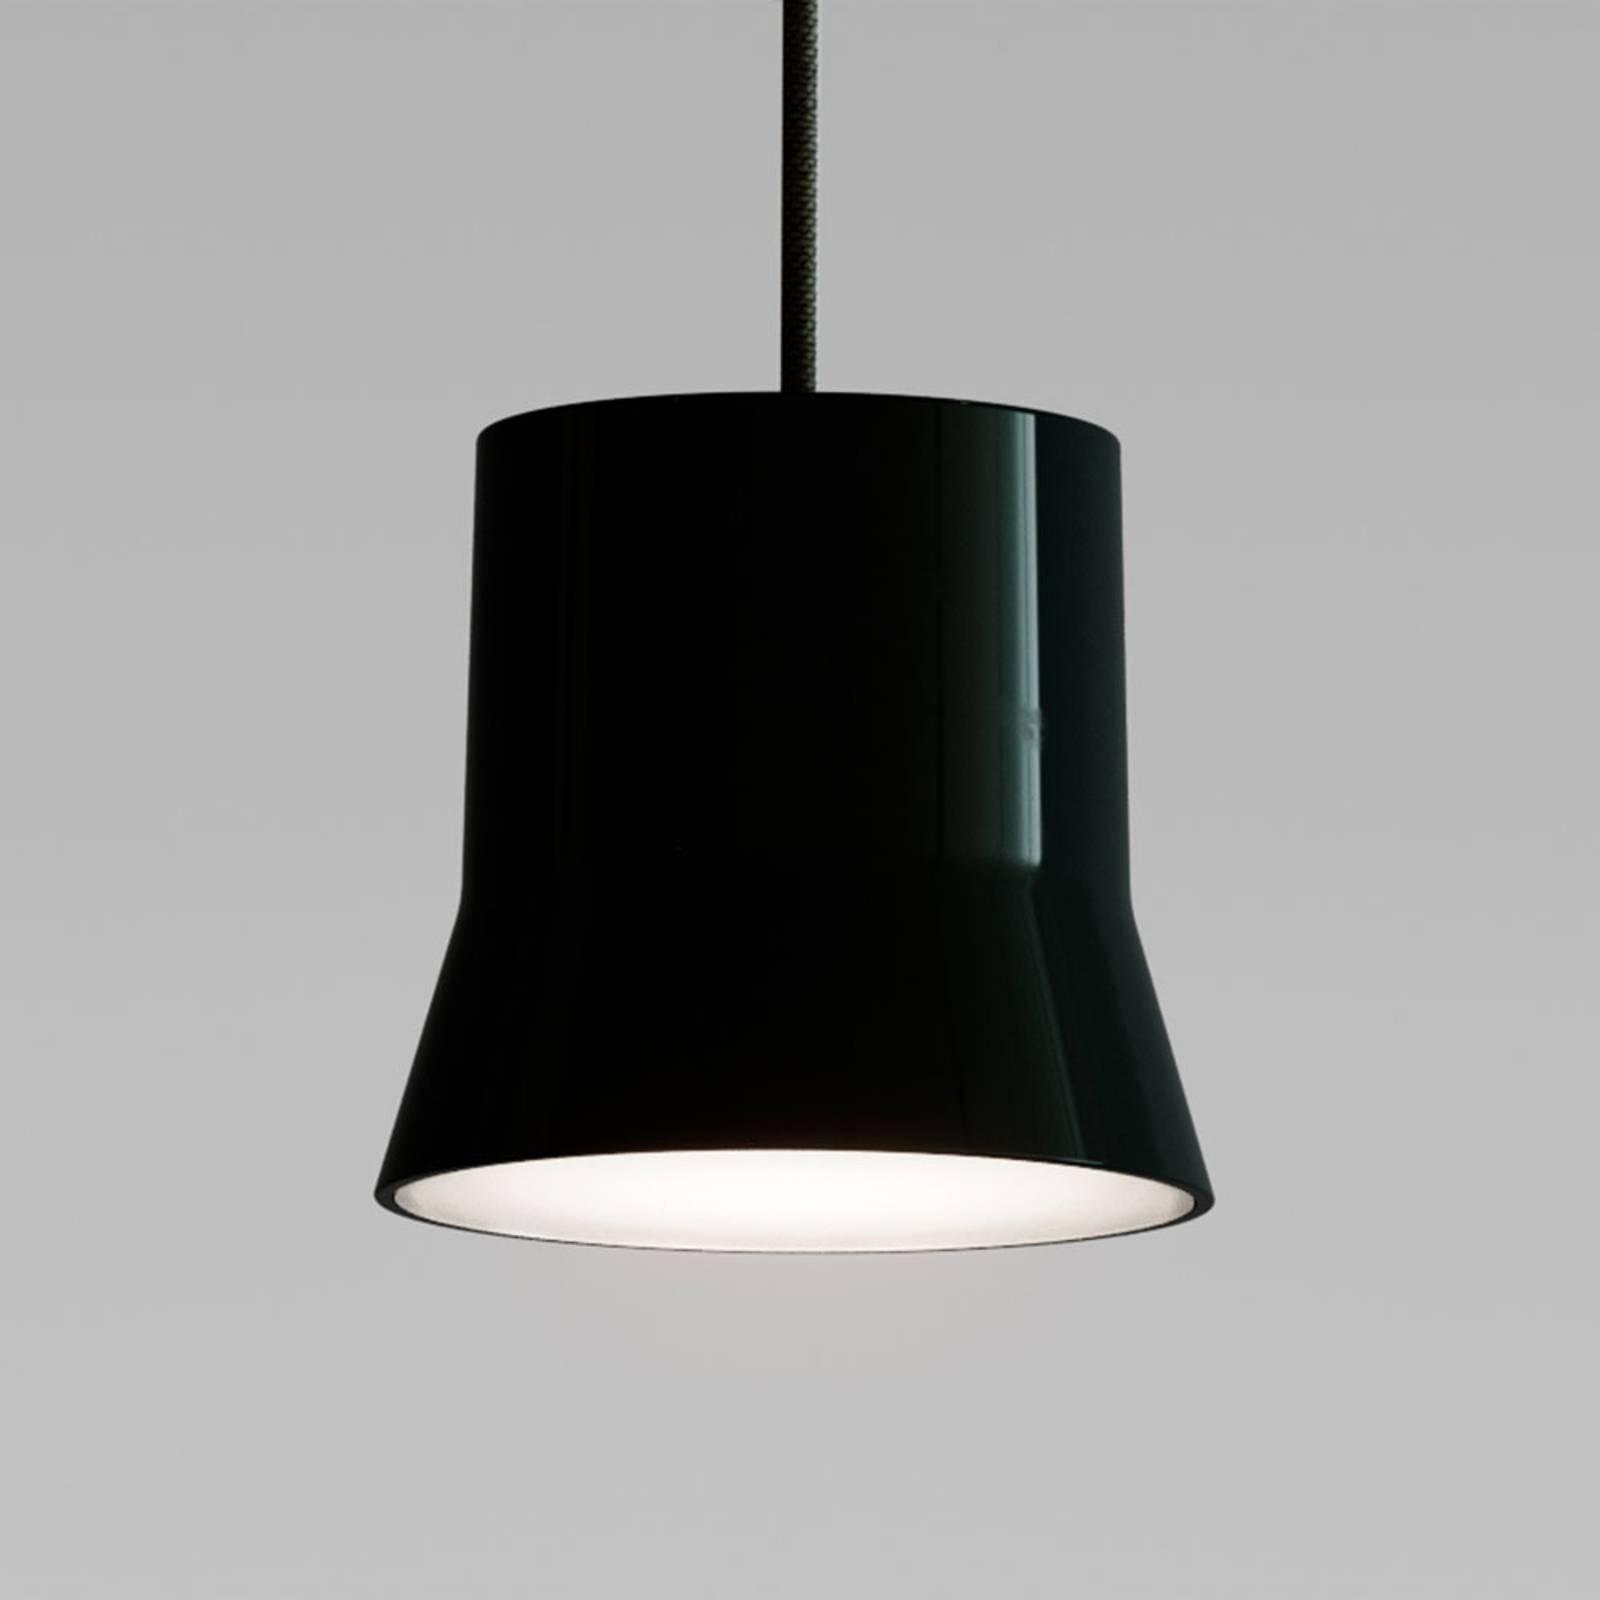 Artemide GIO.light LED-Hängeleuchte, schwarz